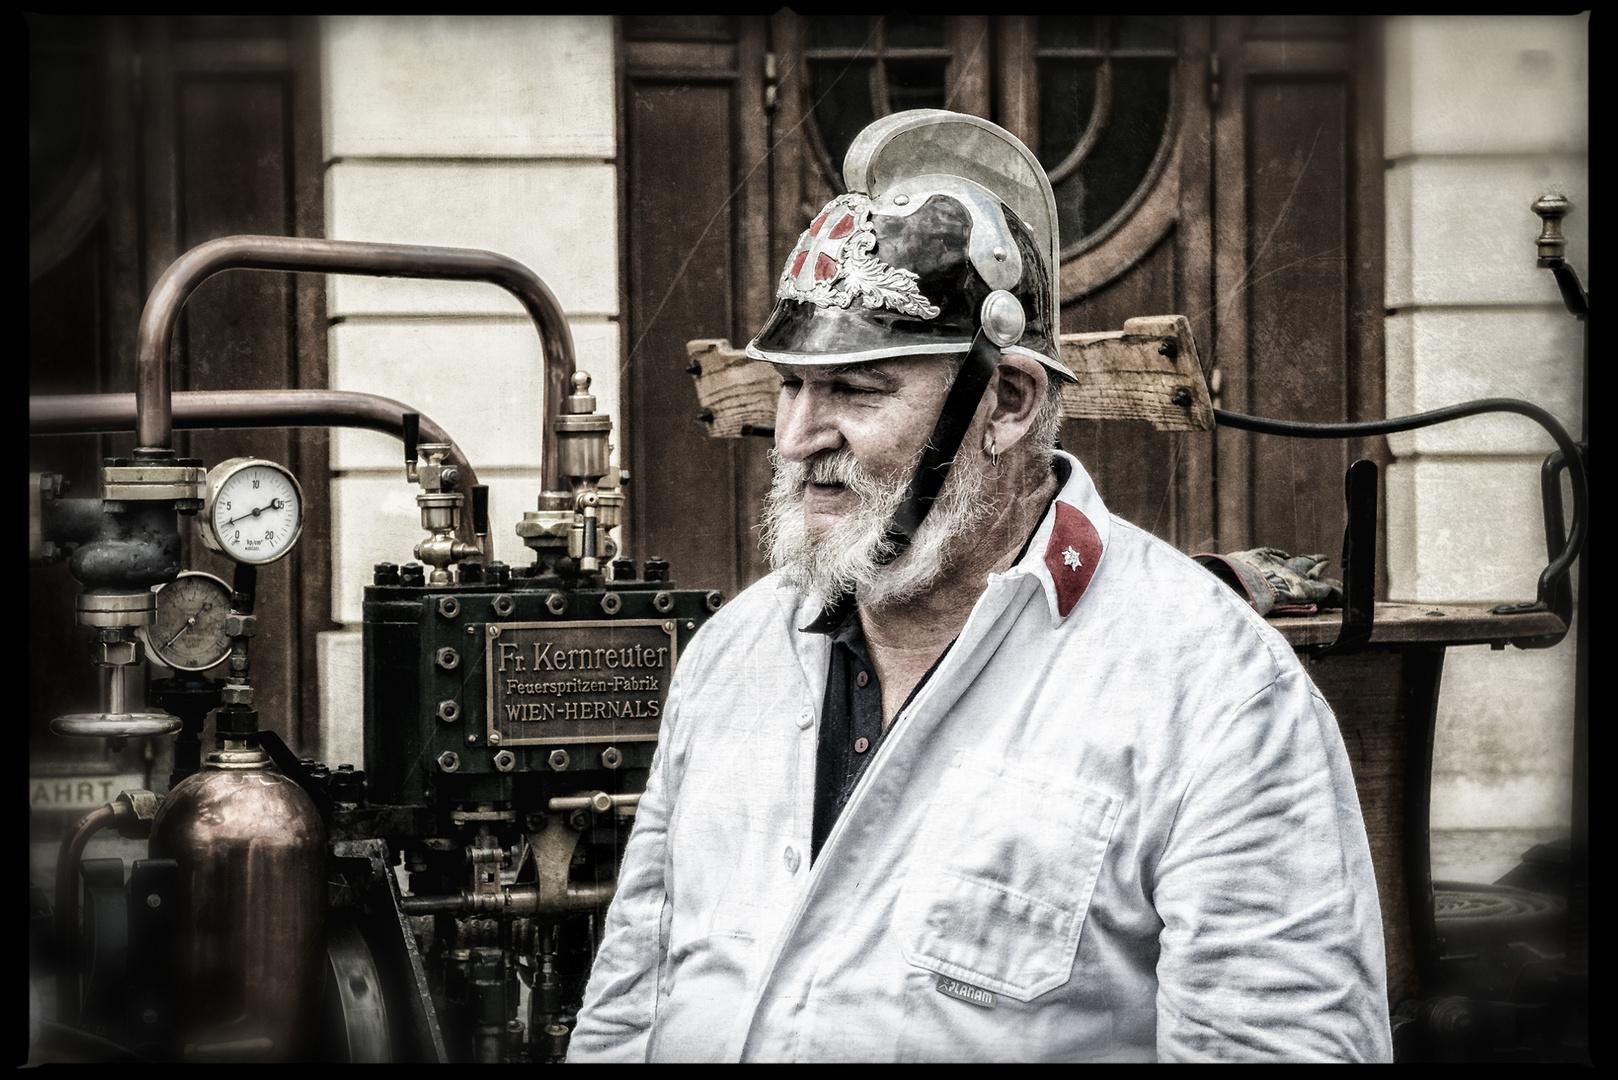 Feuerwehrmann anno Dazumal